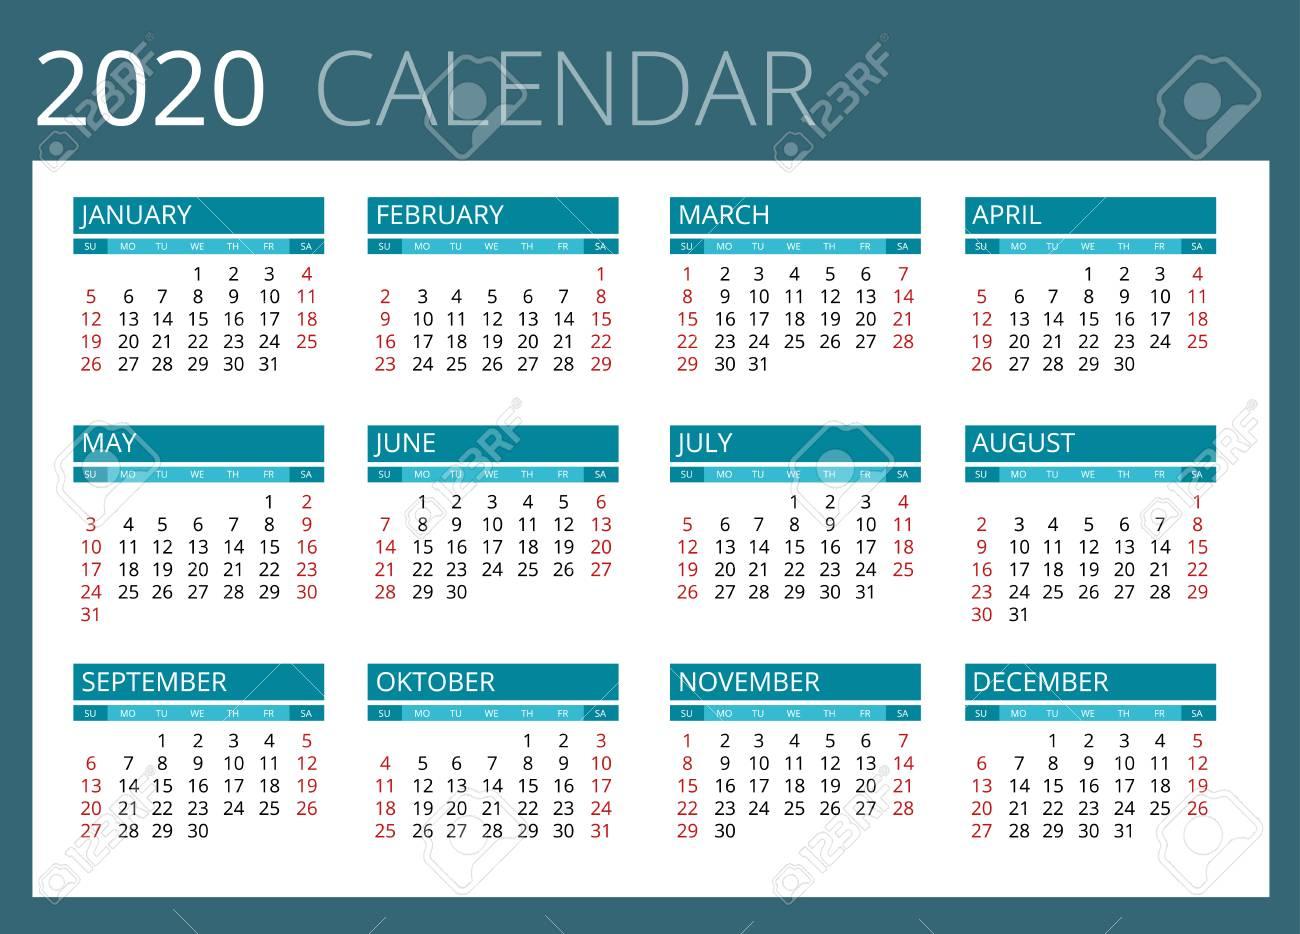 Calendario Para El Año 2020. La Semana Comienza El Domingo. El Diseño  Simple Del Vector for Calendario 2020 Con Semanas